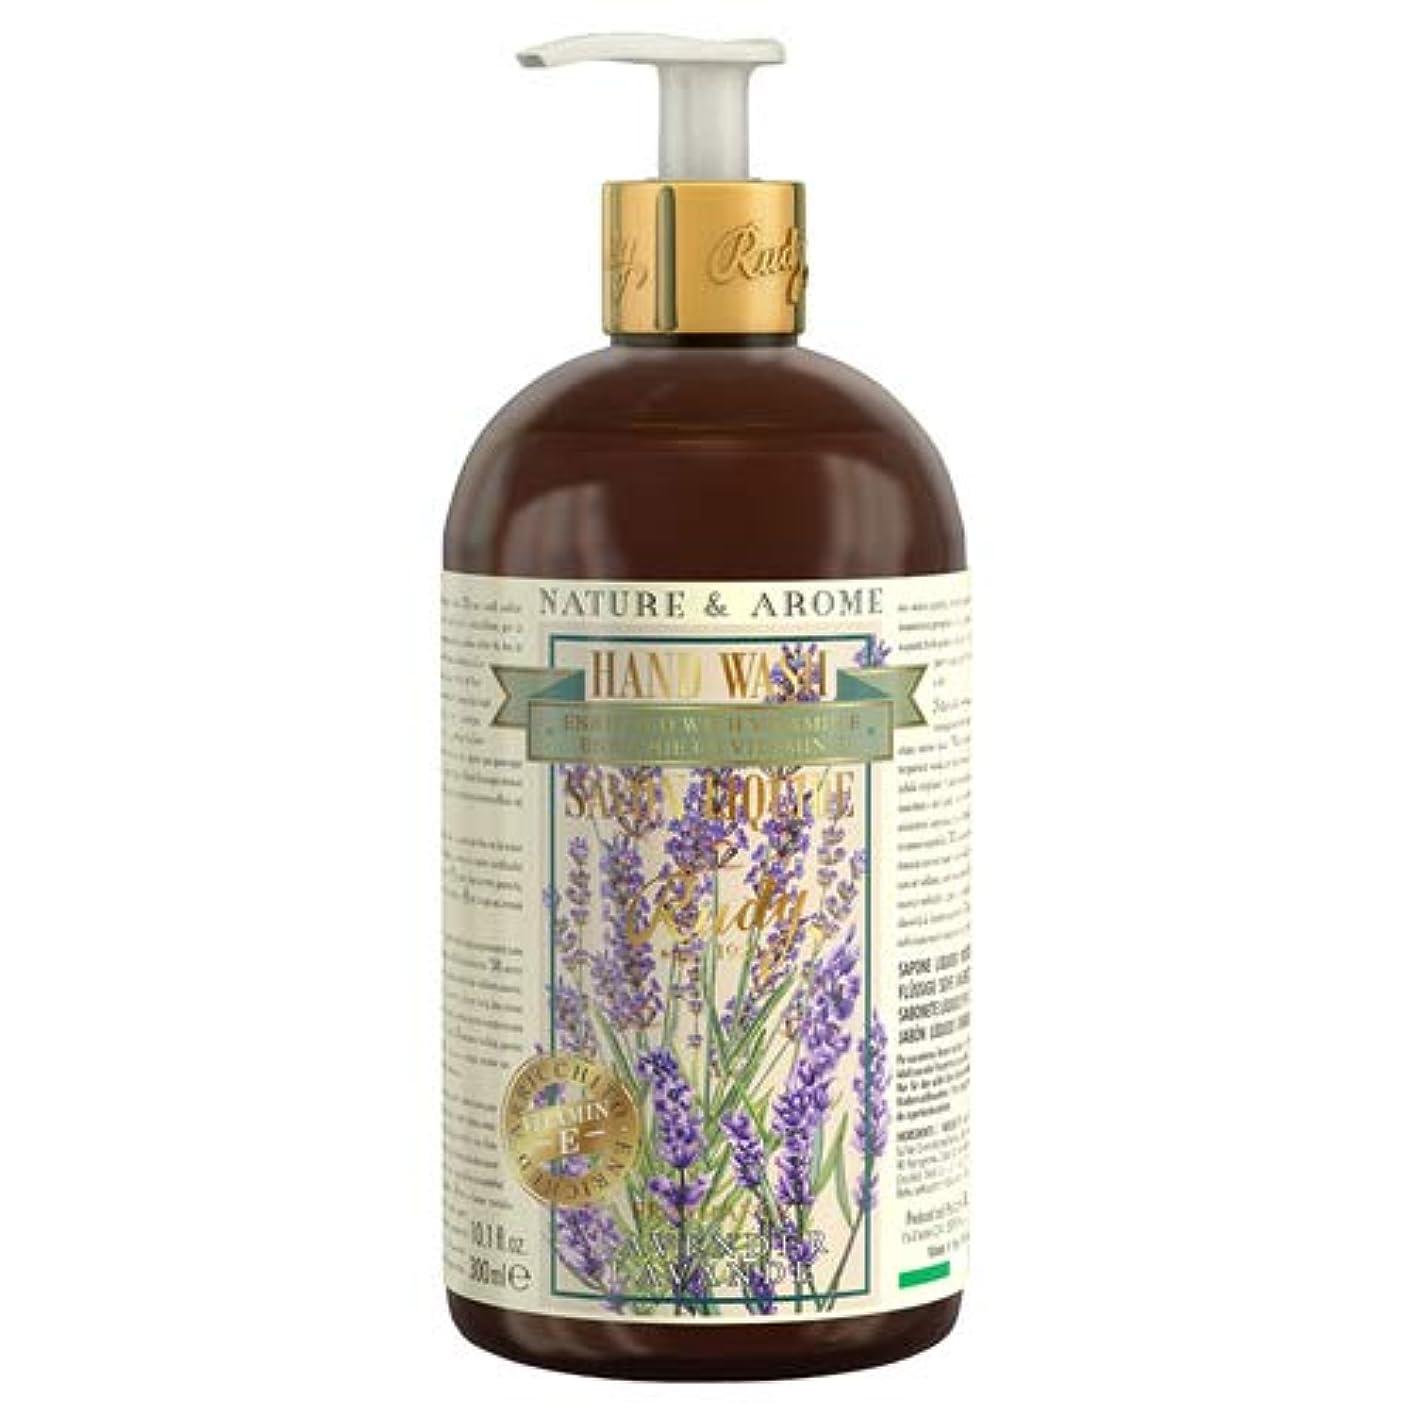 パワーやがてパブRUDY Nature&Arome Apothecary ネイチャーアロマ アポセカリー Hand Wash ハンドウォッシュ(ボディソープ) Laveder ラベンダー